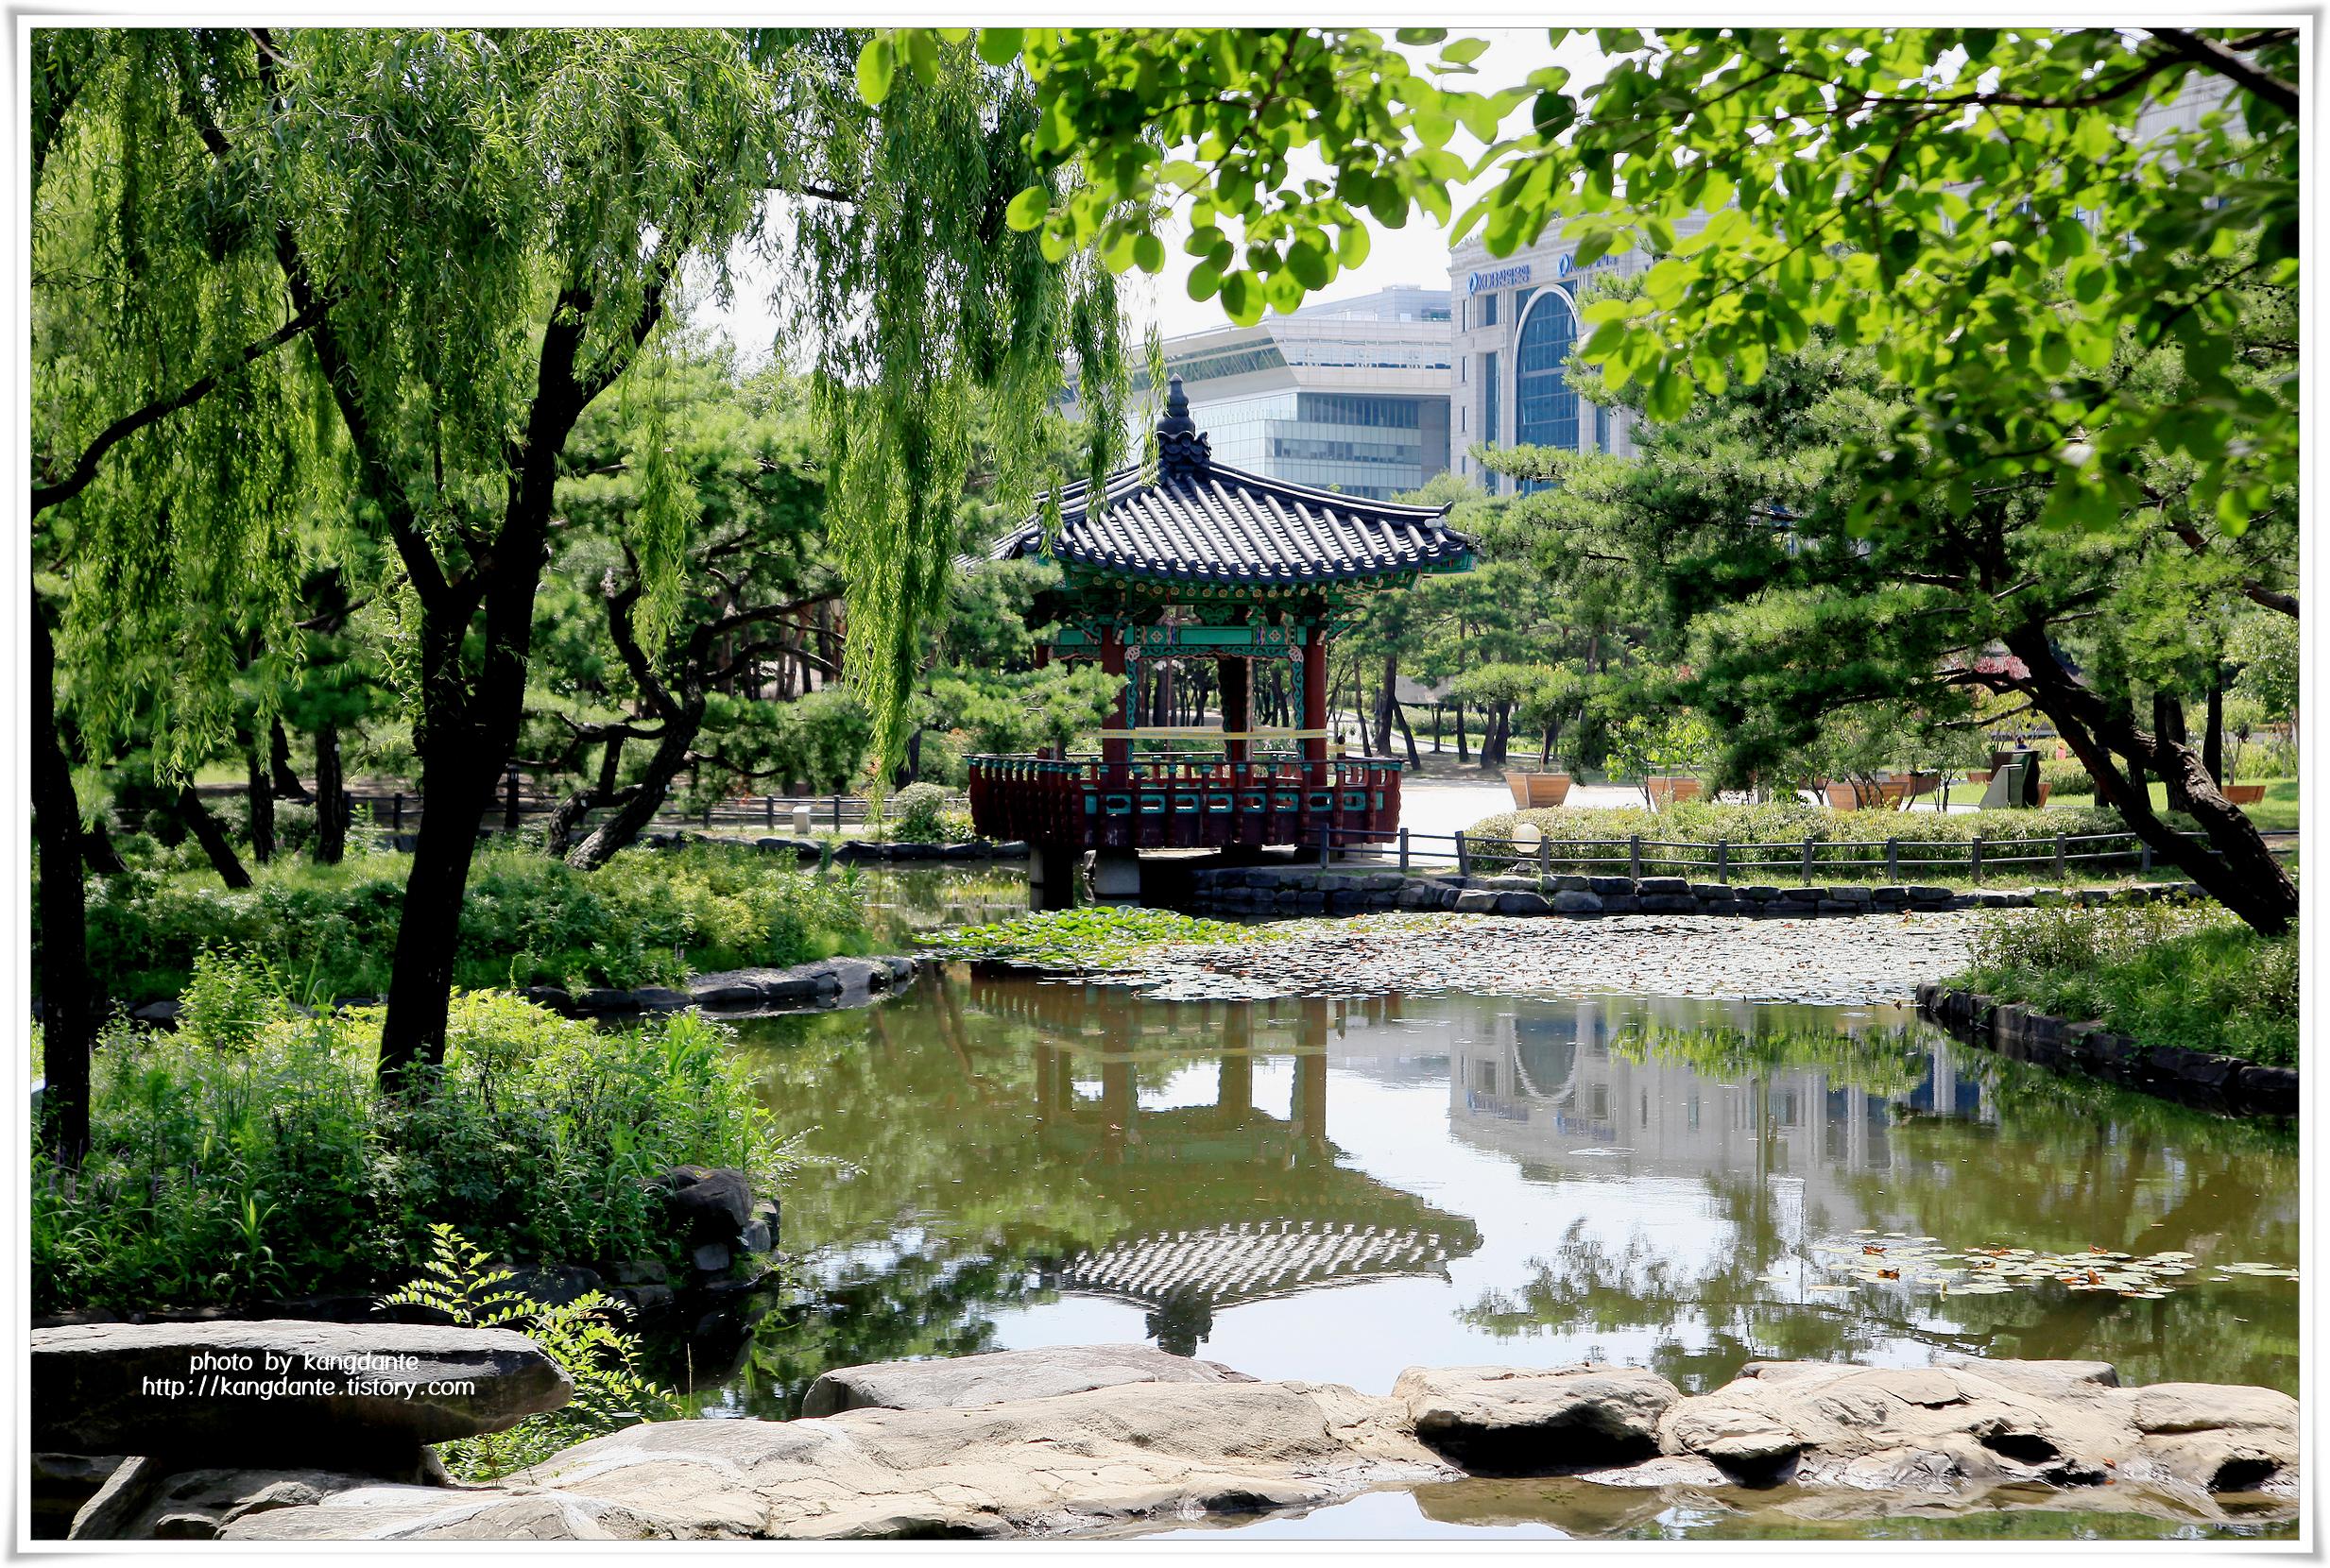 광장에서 자연생태공원으로 탈바꿈한 여의도공원(汝矣島公園)